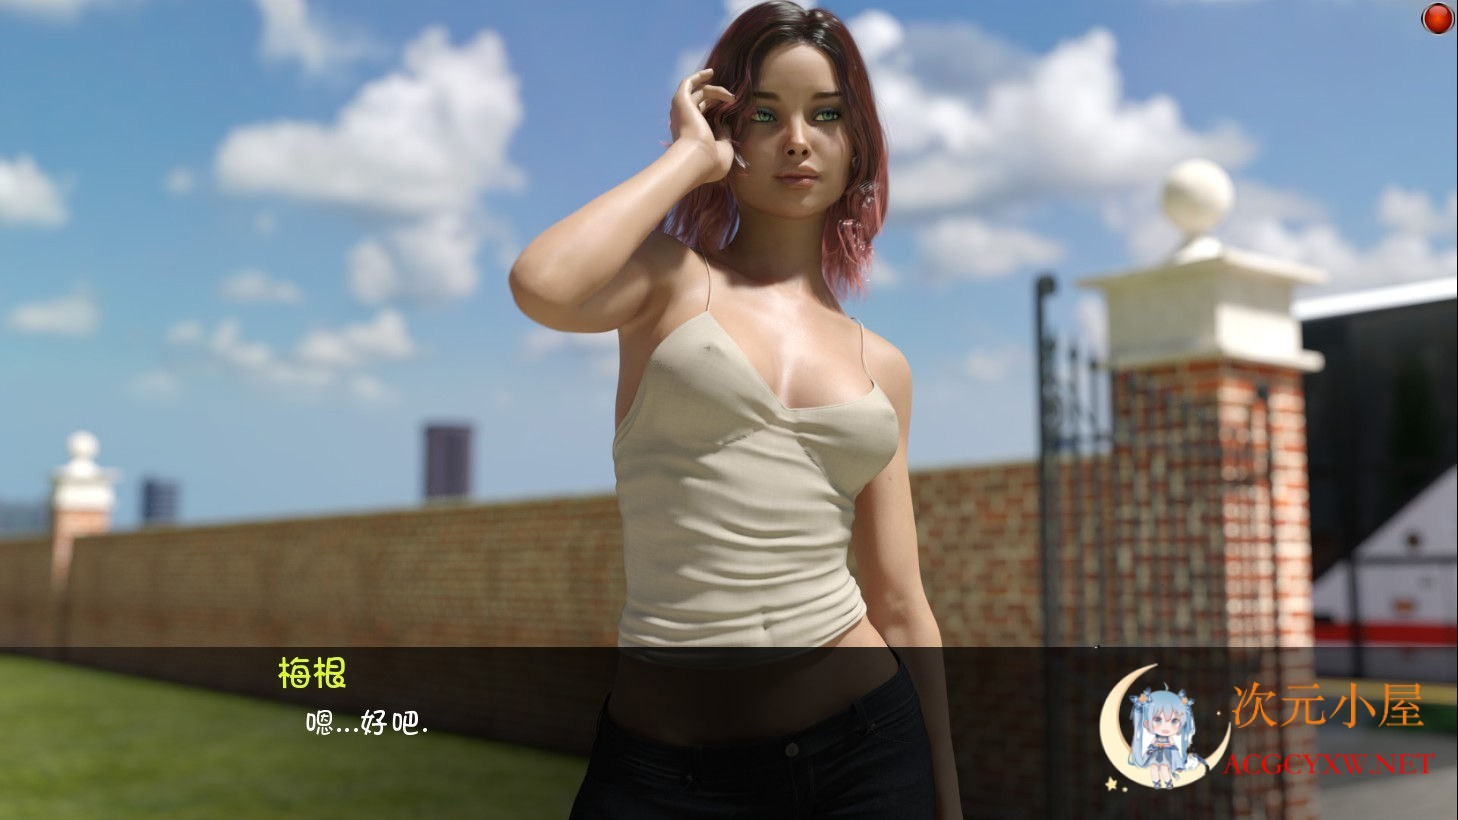 [SLG神作/汉化/动态CG]欲望回声 Echoes Of Lust 第二季V2EP6 精翻汉化版[10月大更新/8G]  7423 次元小屋